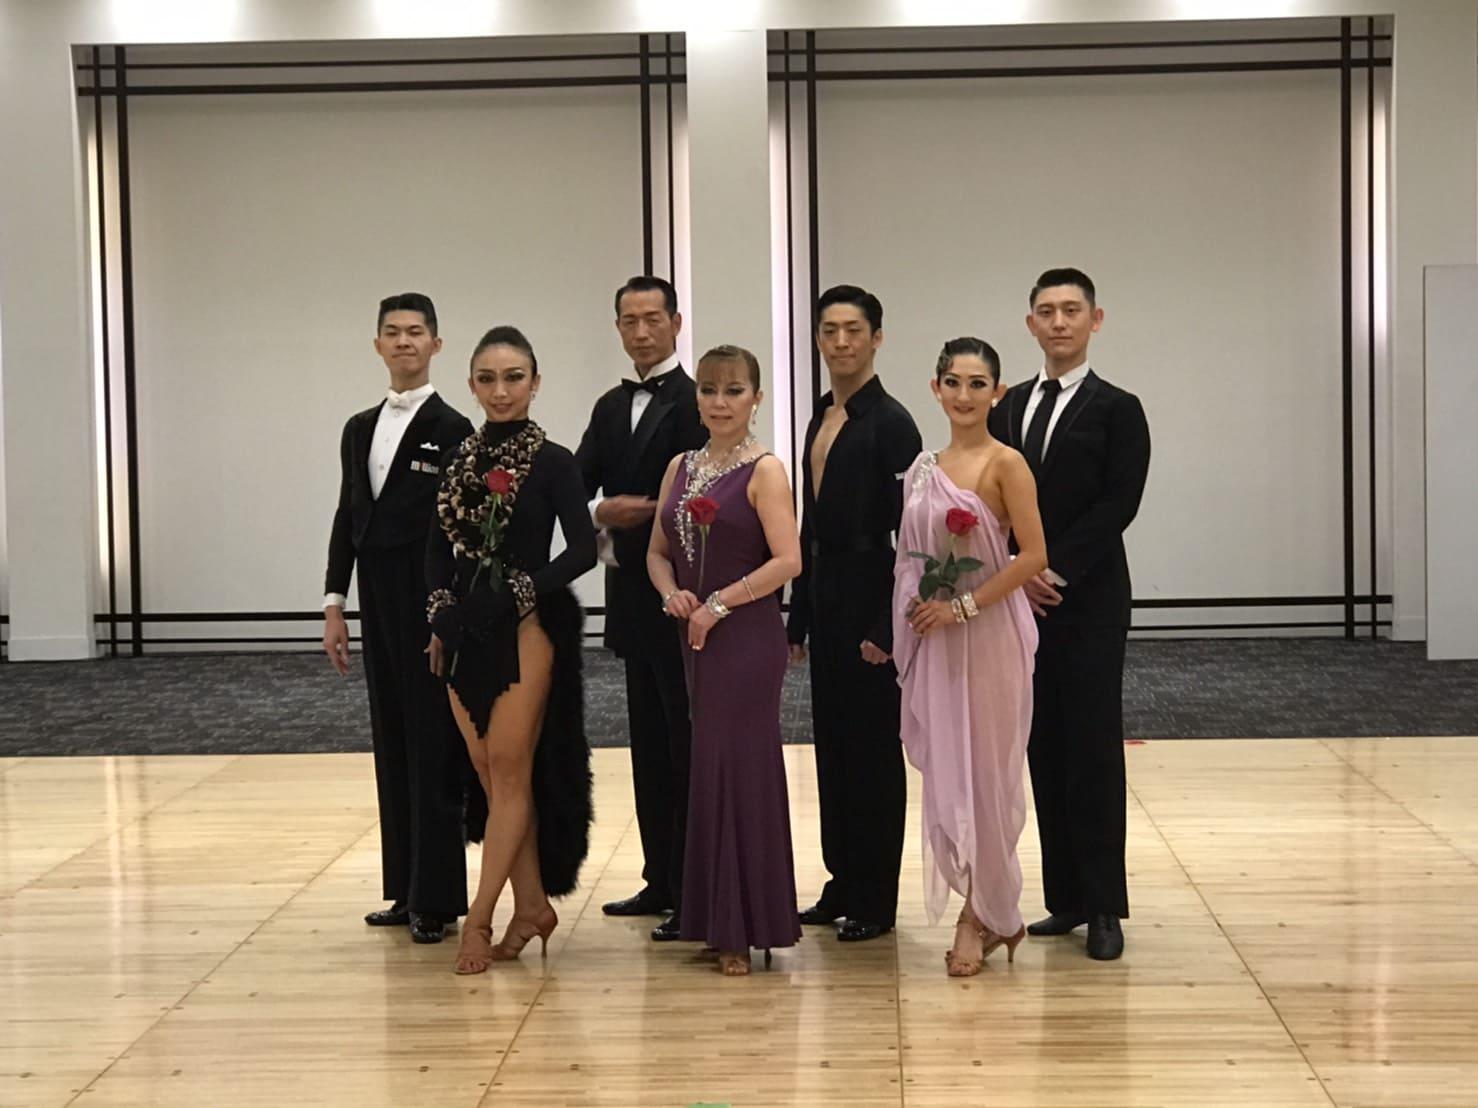 ダンス|パーティー|北越谷|ベルビィギャザホール|春日部AKIダンスアカデミー